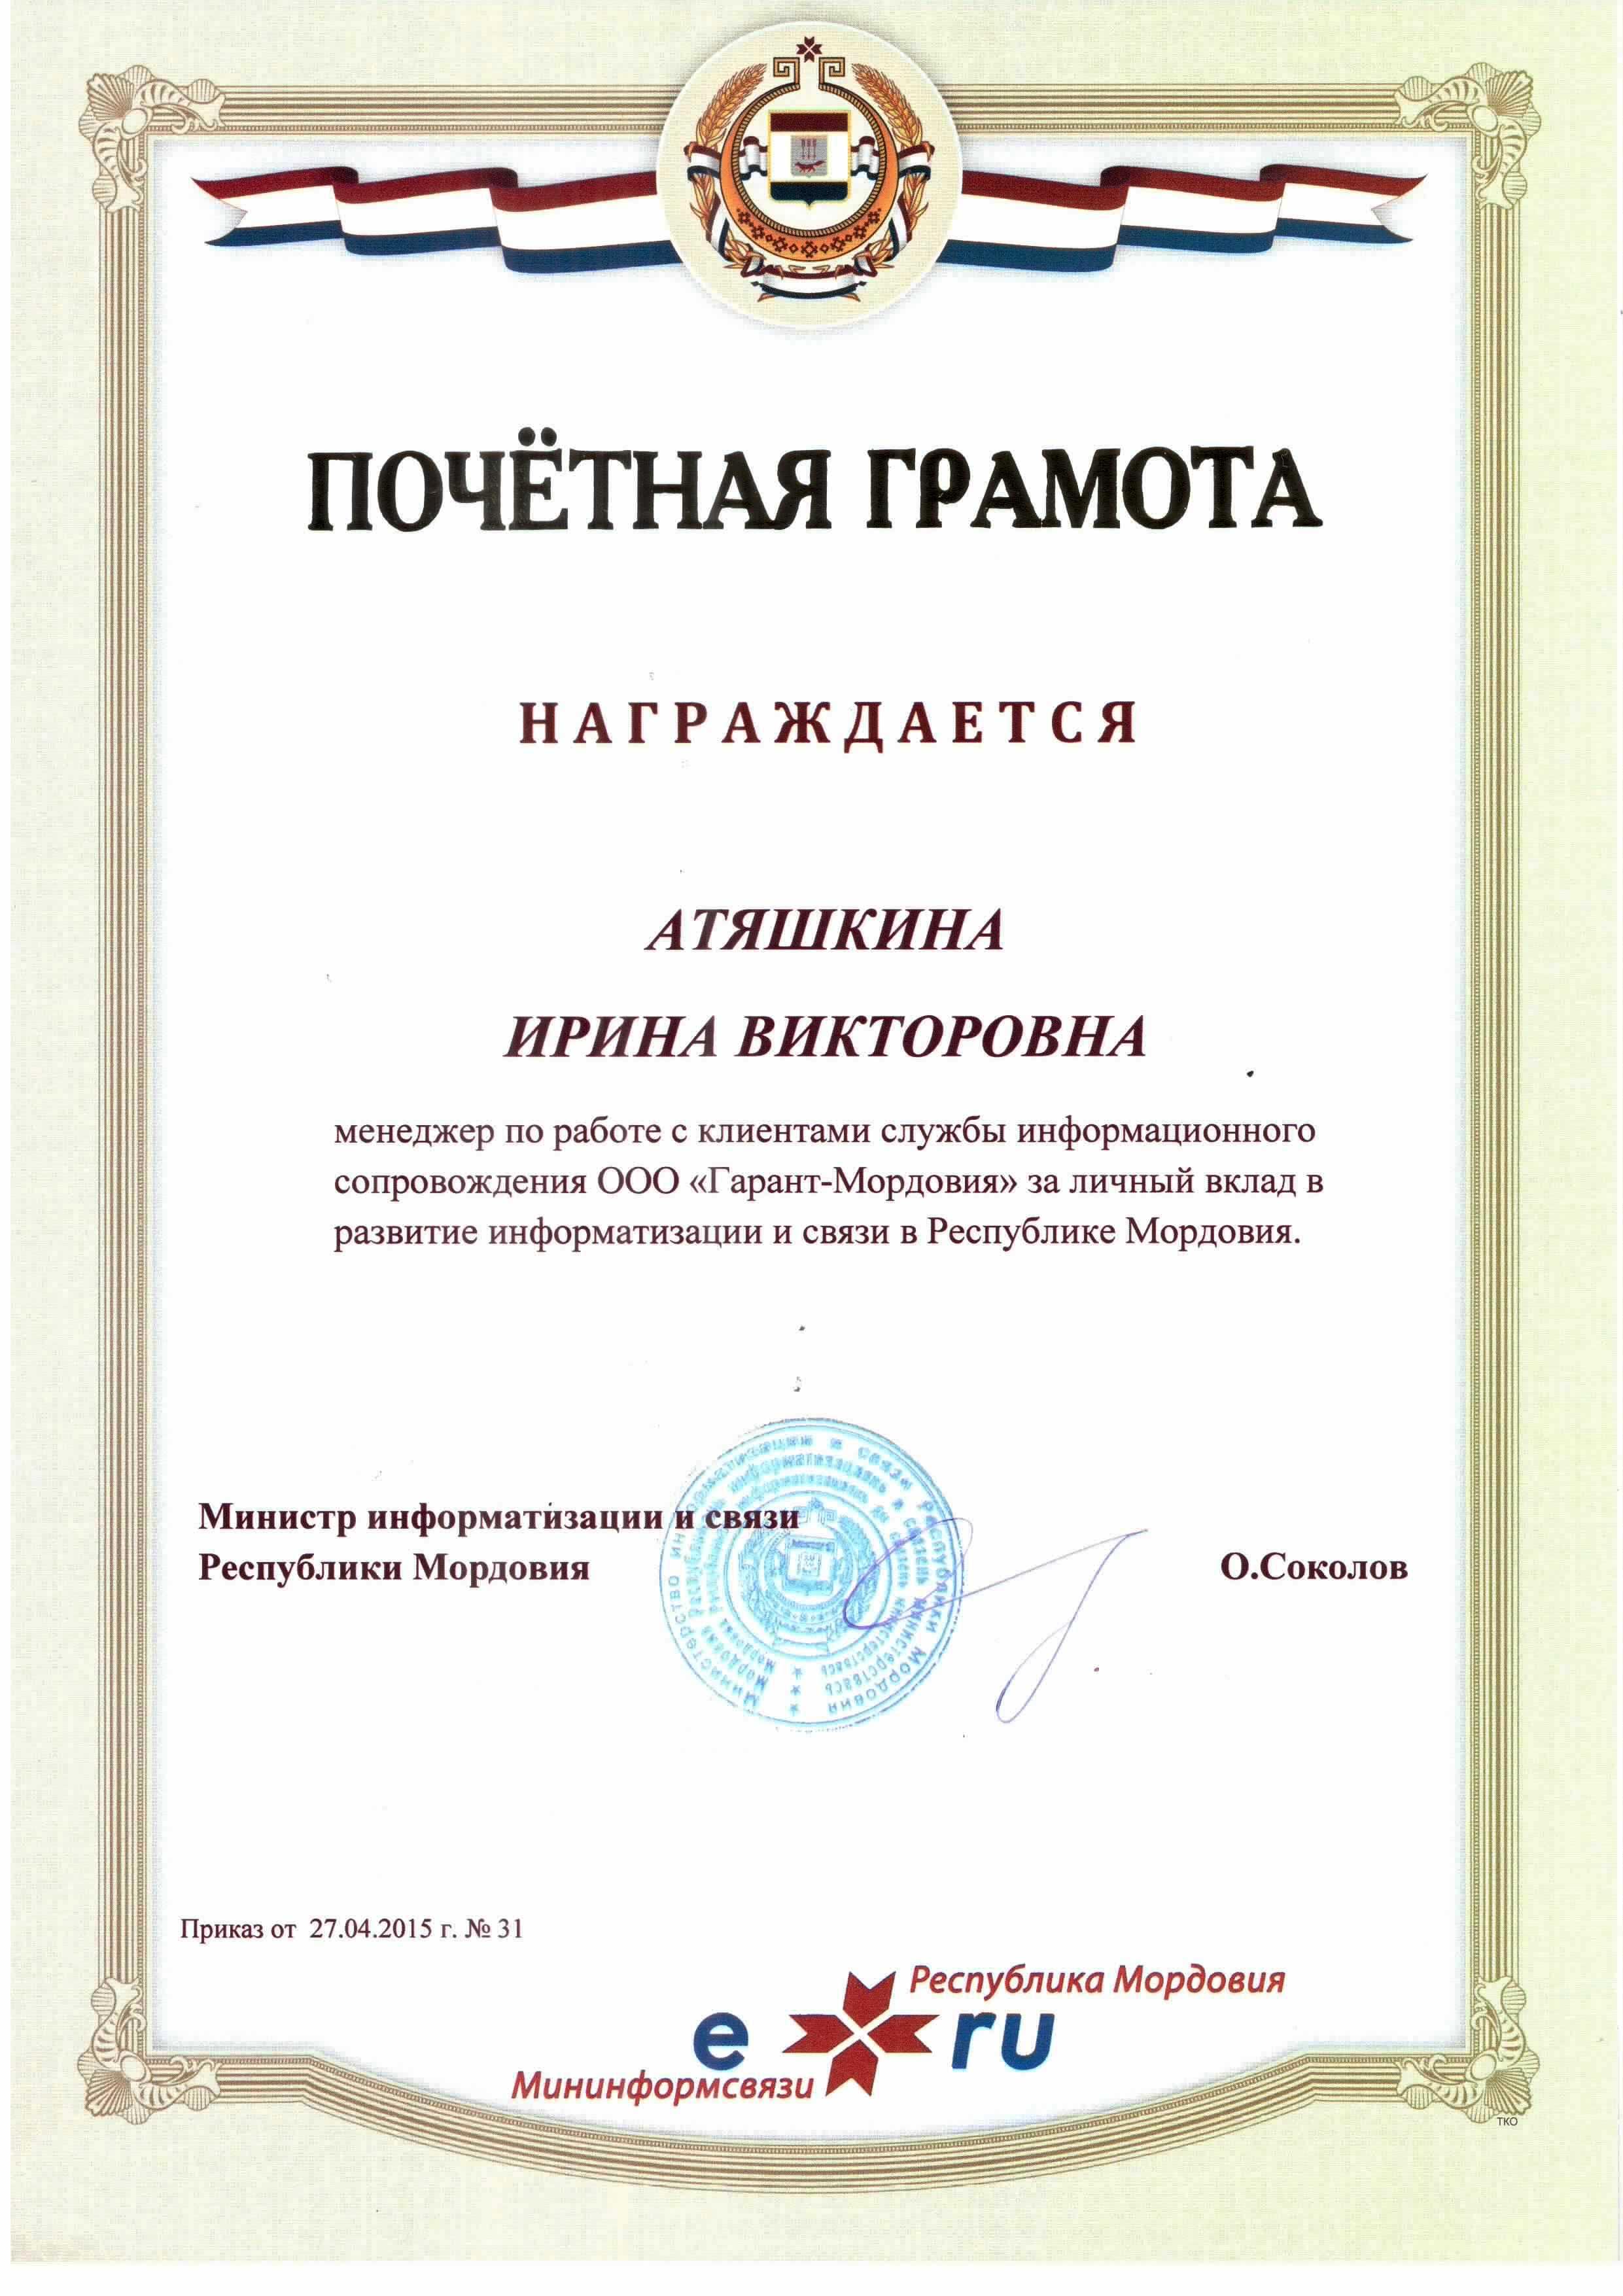 Почетная грамота Атяшкиной И.В.